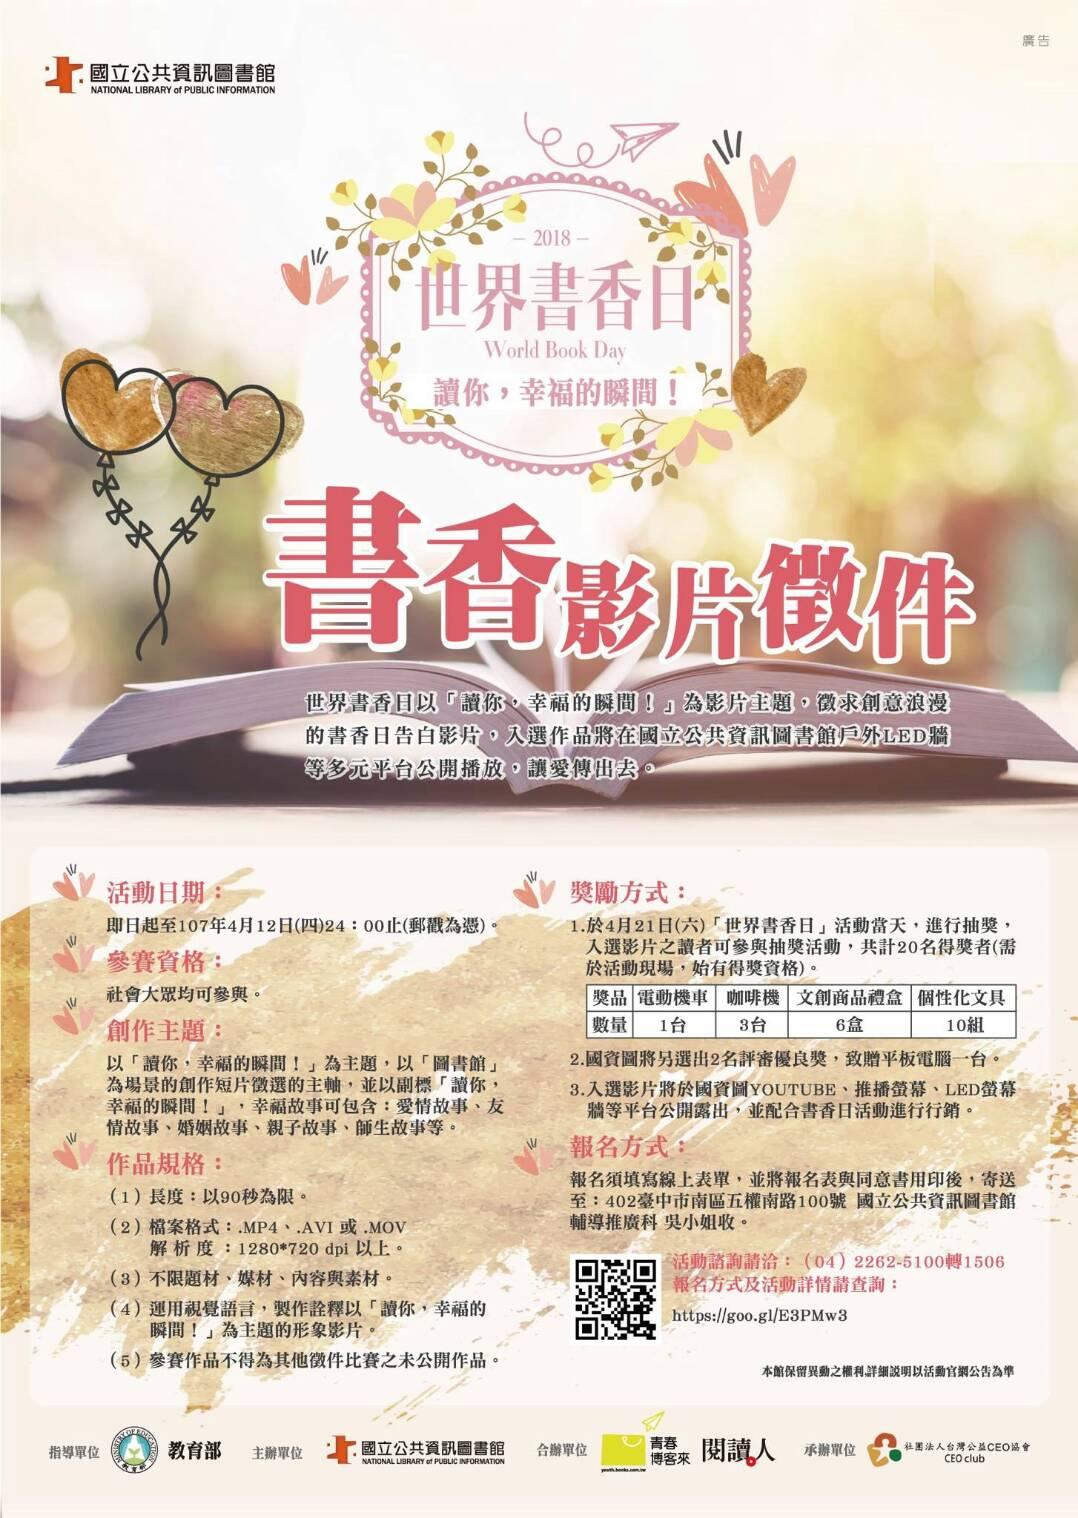 2018世界書香日系列活動-「讀你,幸福的瞬間!」影片徵件活動